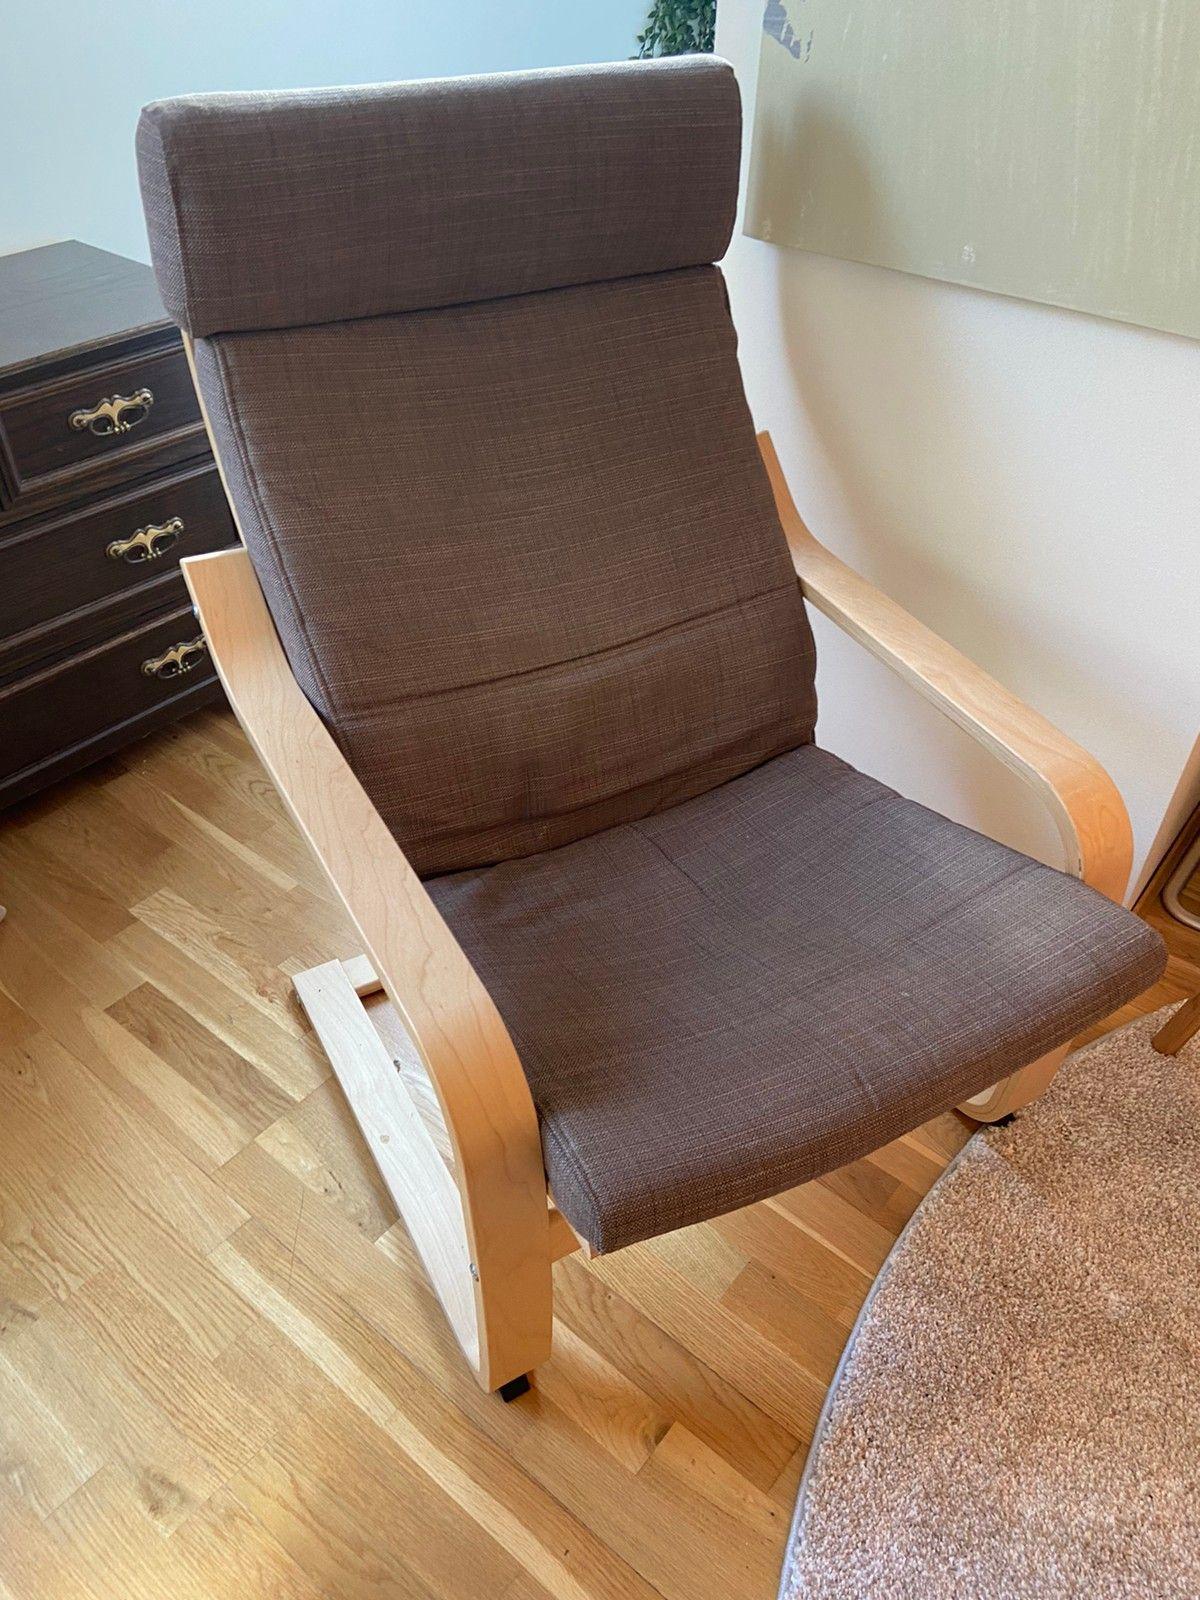 IKEA Poäng lenestol for barn | FINN.no